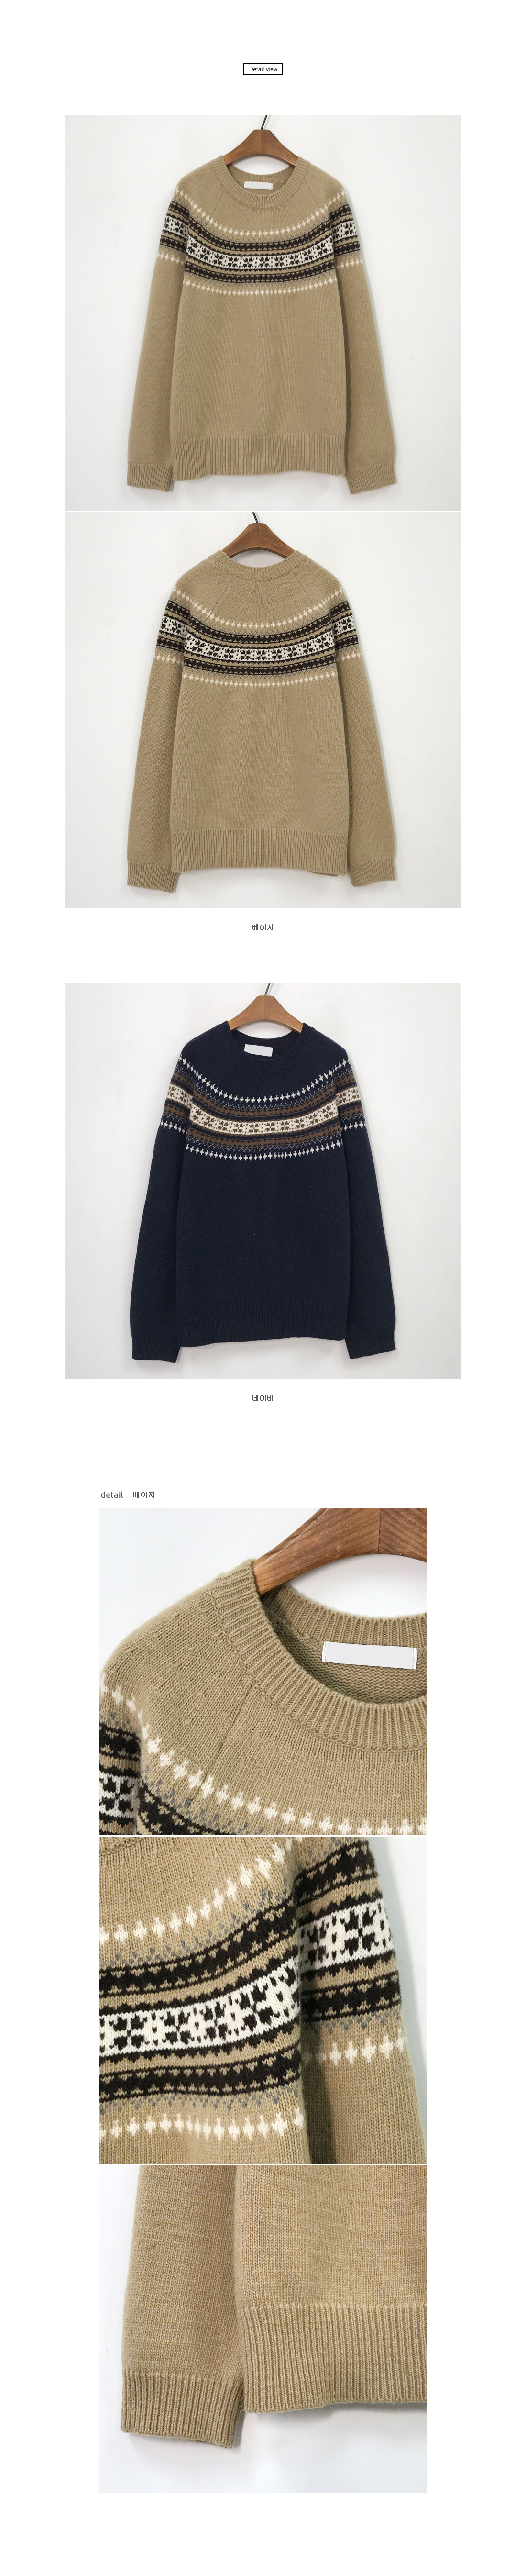 Crover Vintage Knit